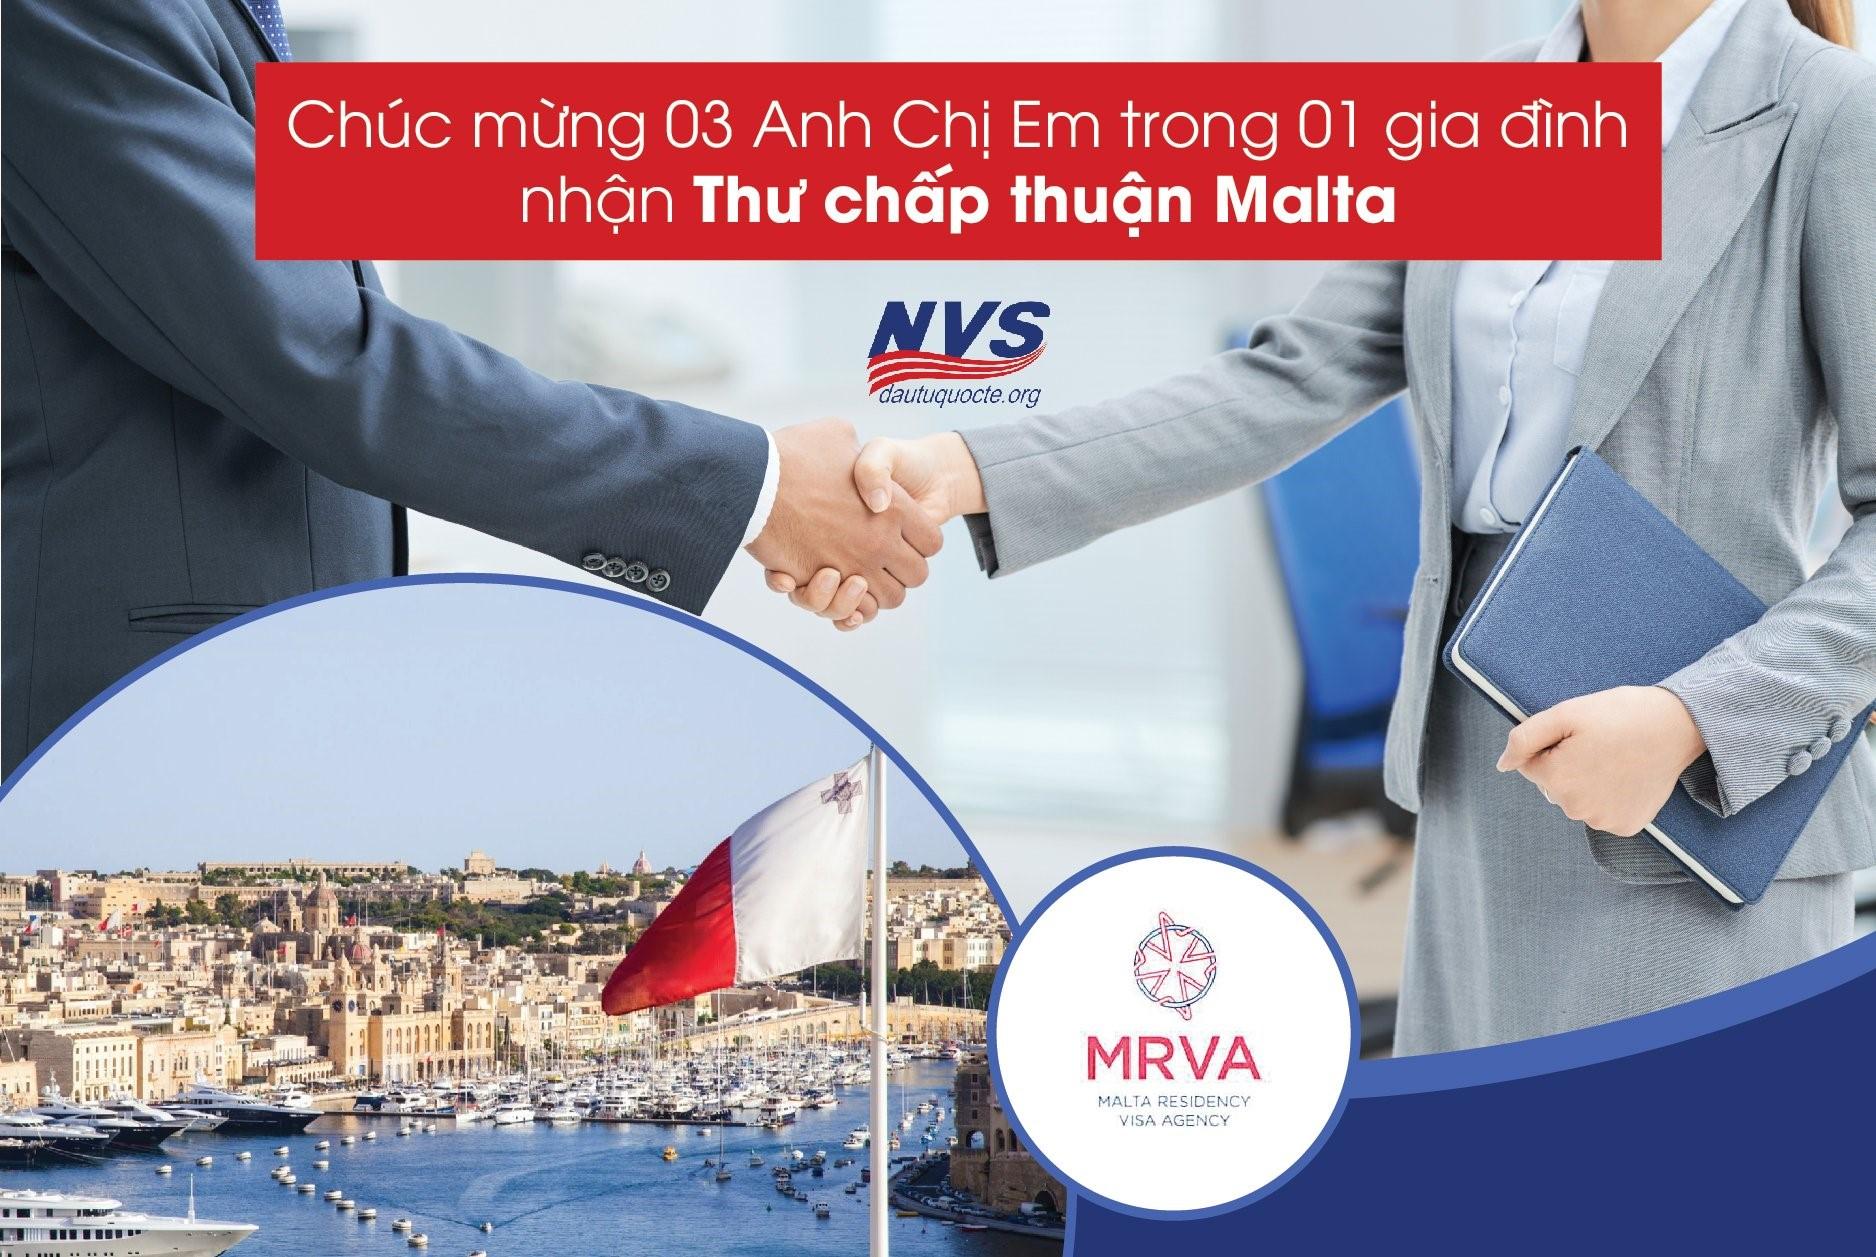 NVS chúc mừng 3 anh em trong gia đình nhận được thư chấp thuận đầu tư định cư Malta